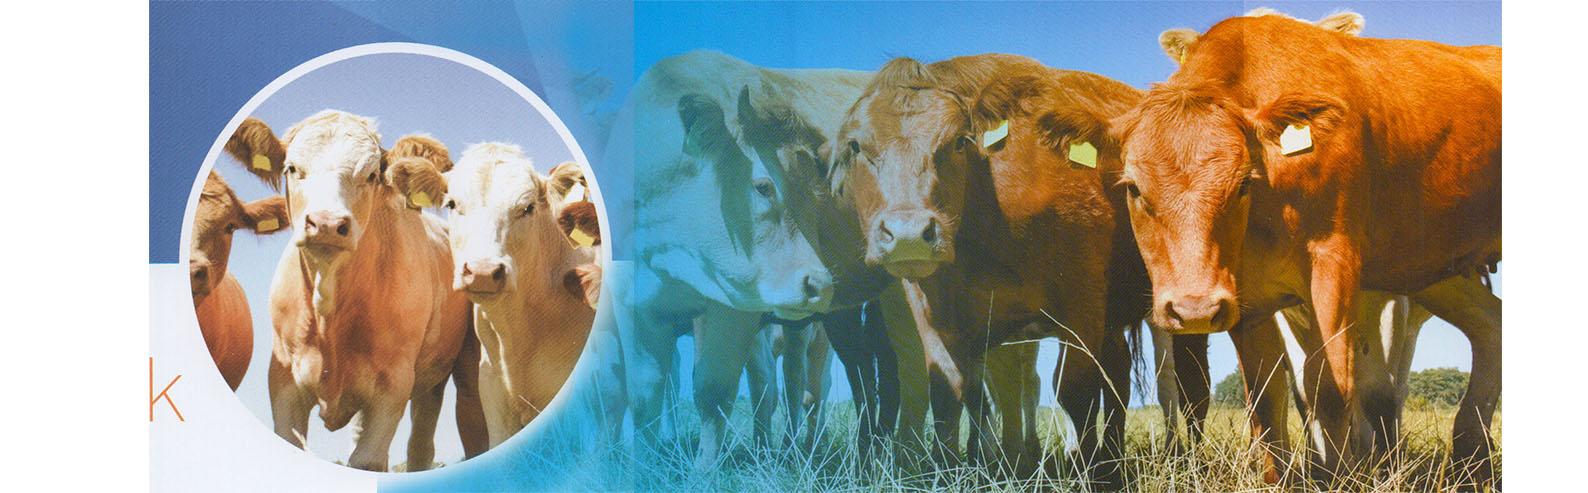 牛+牲畜疾病快篩